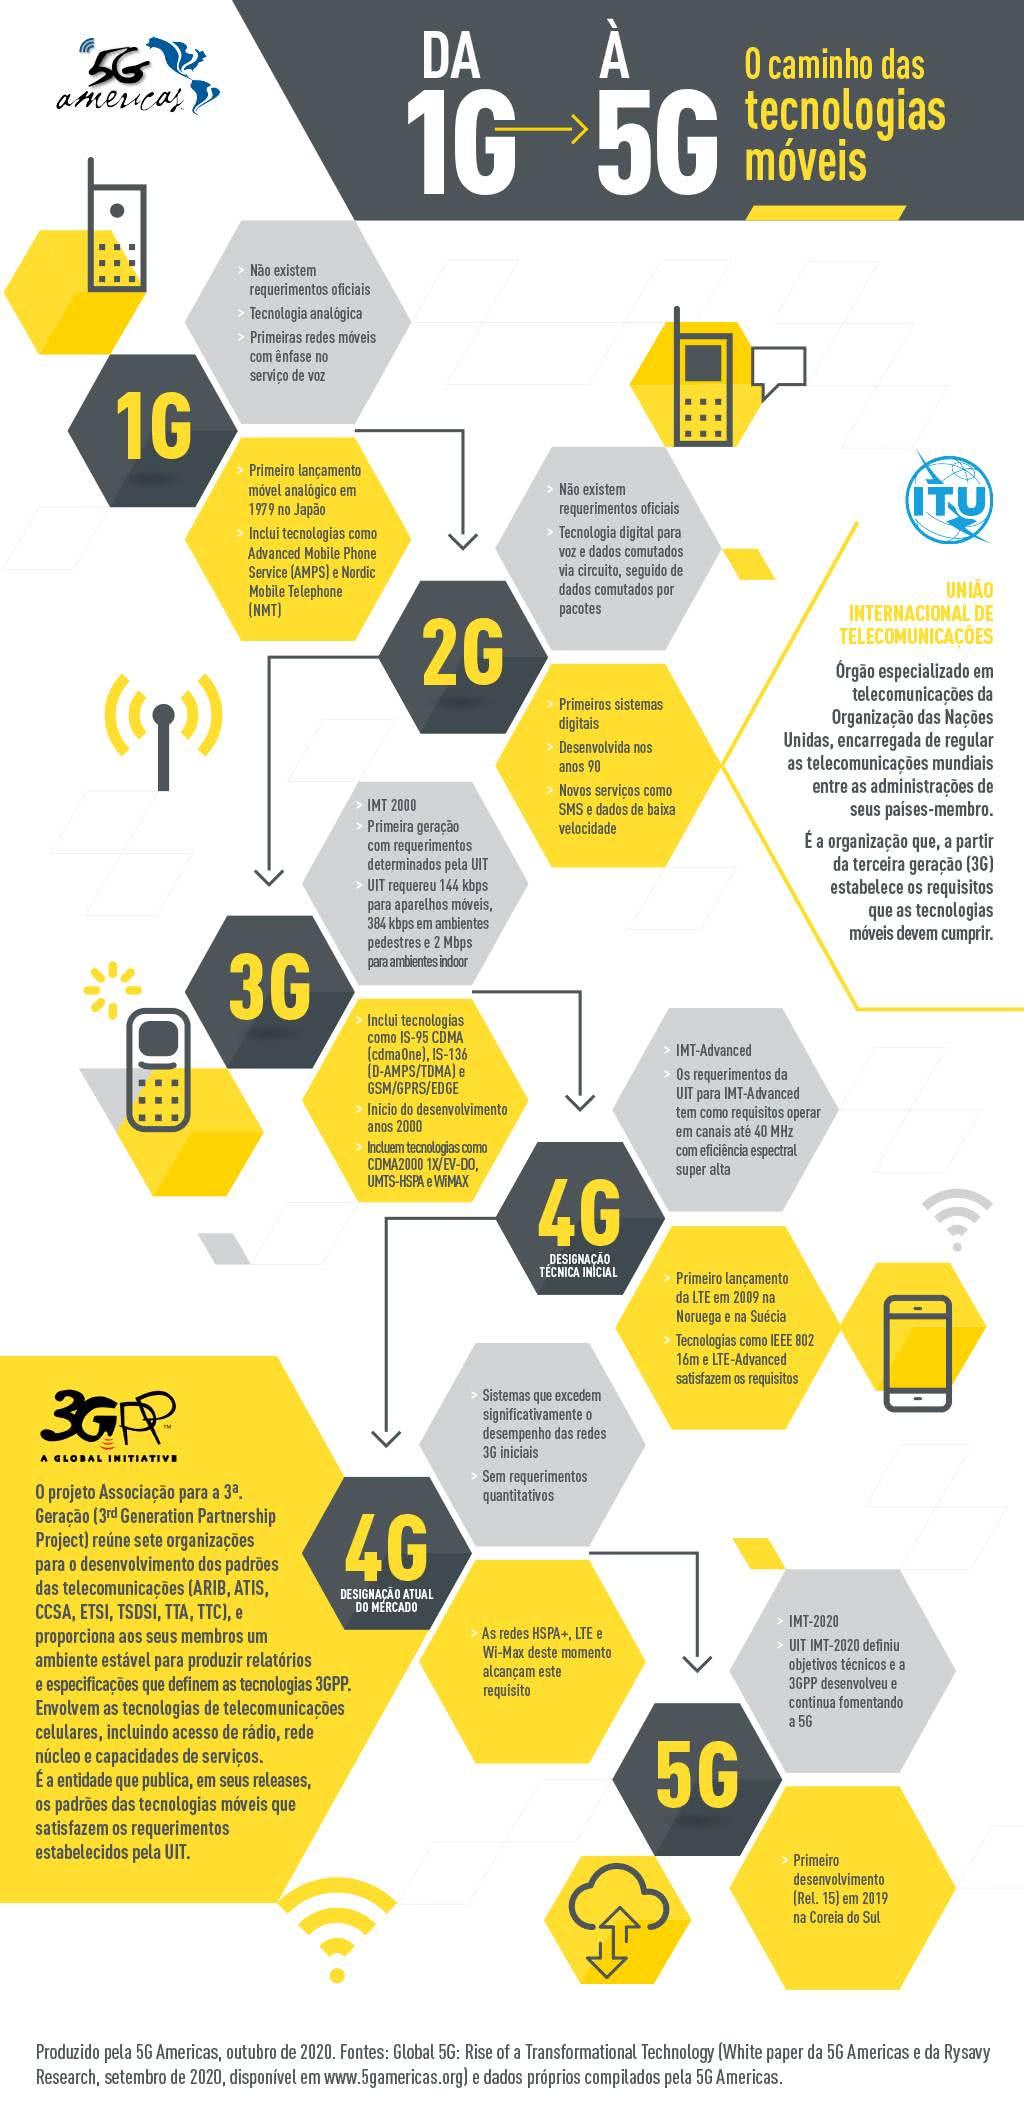 Evolução da tecnologia de celulares - da 1G para a 5G